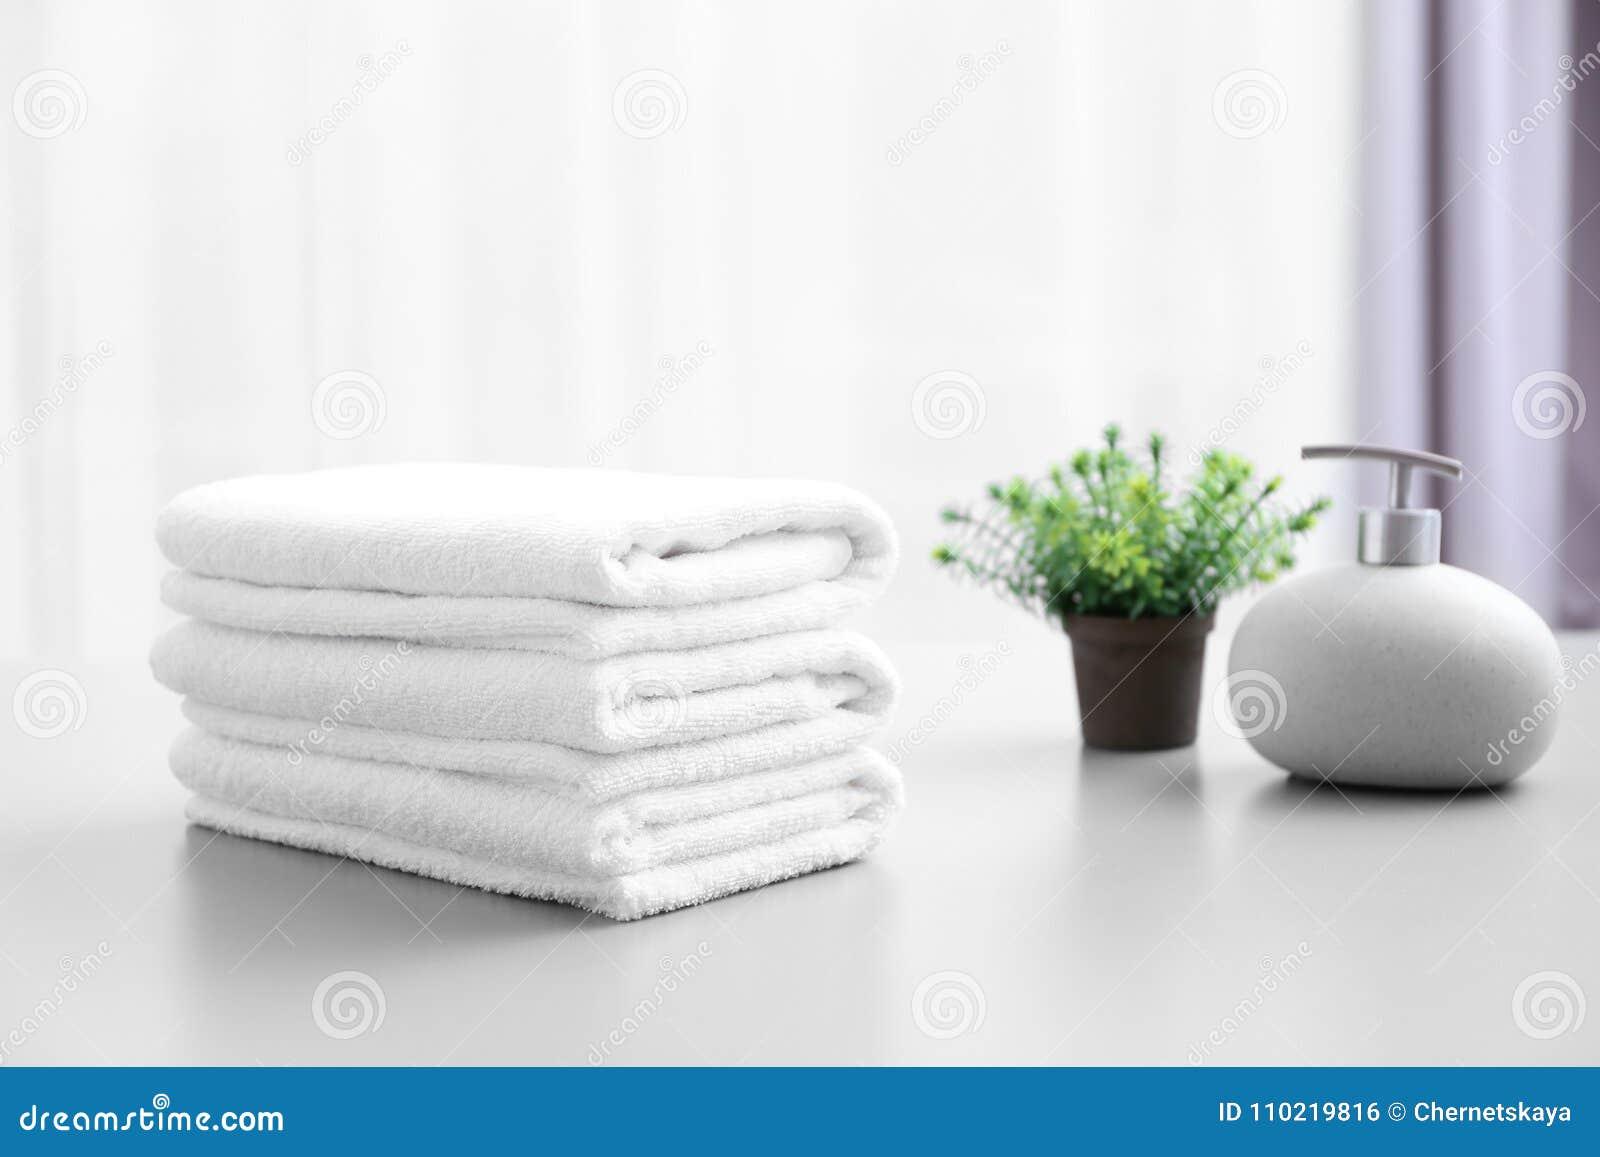 Pile de serviettes propres blanches sur la table